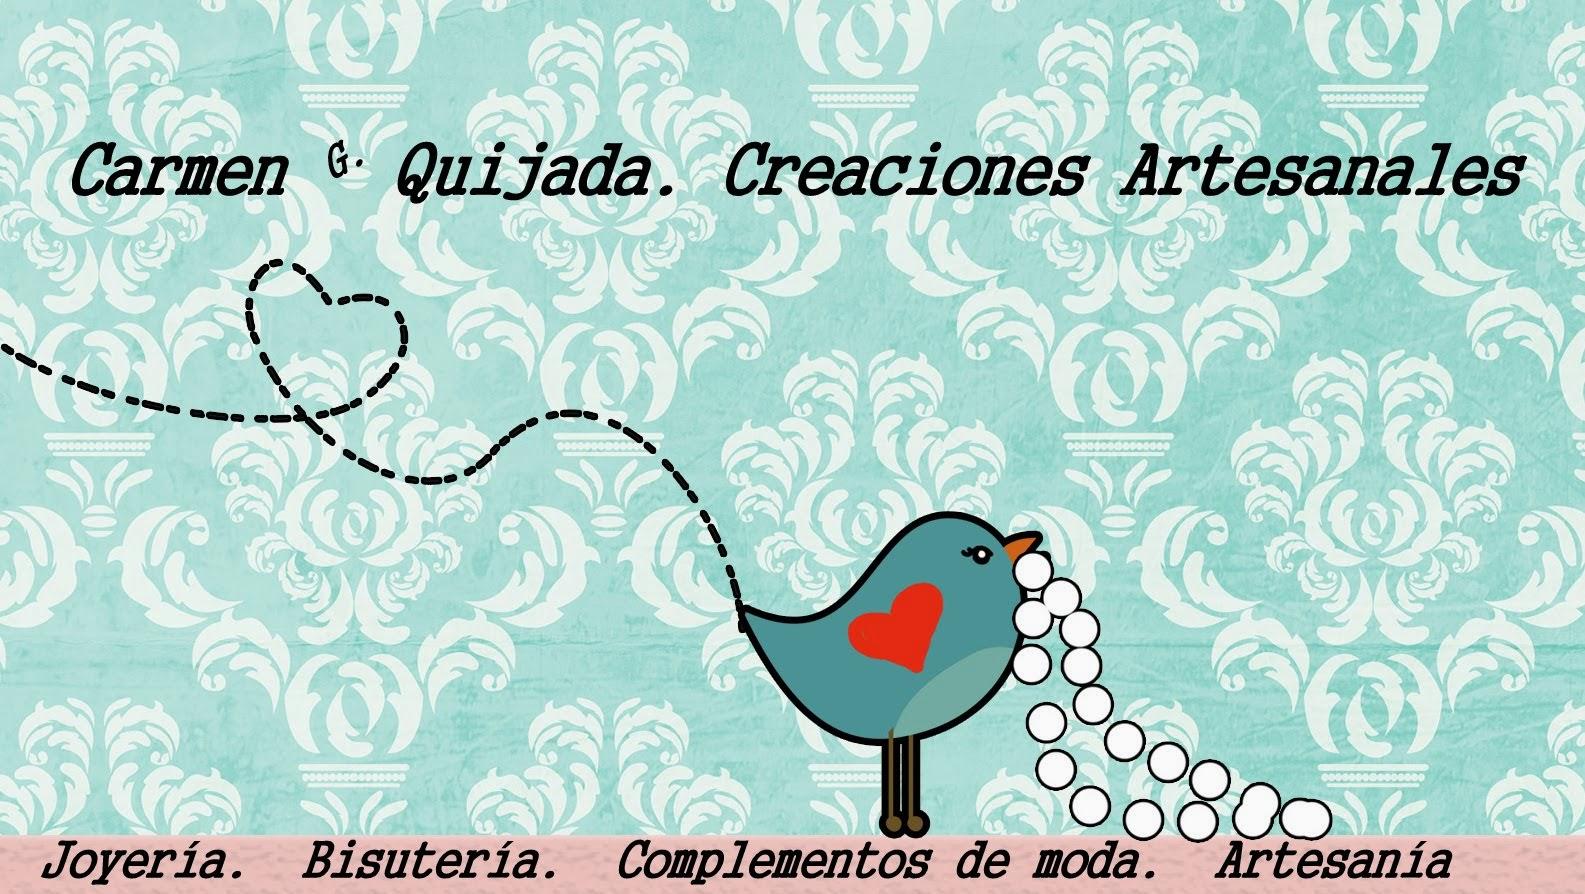 Creaciones Artesanales de Carmen G. Quijada